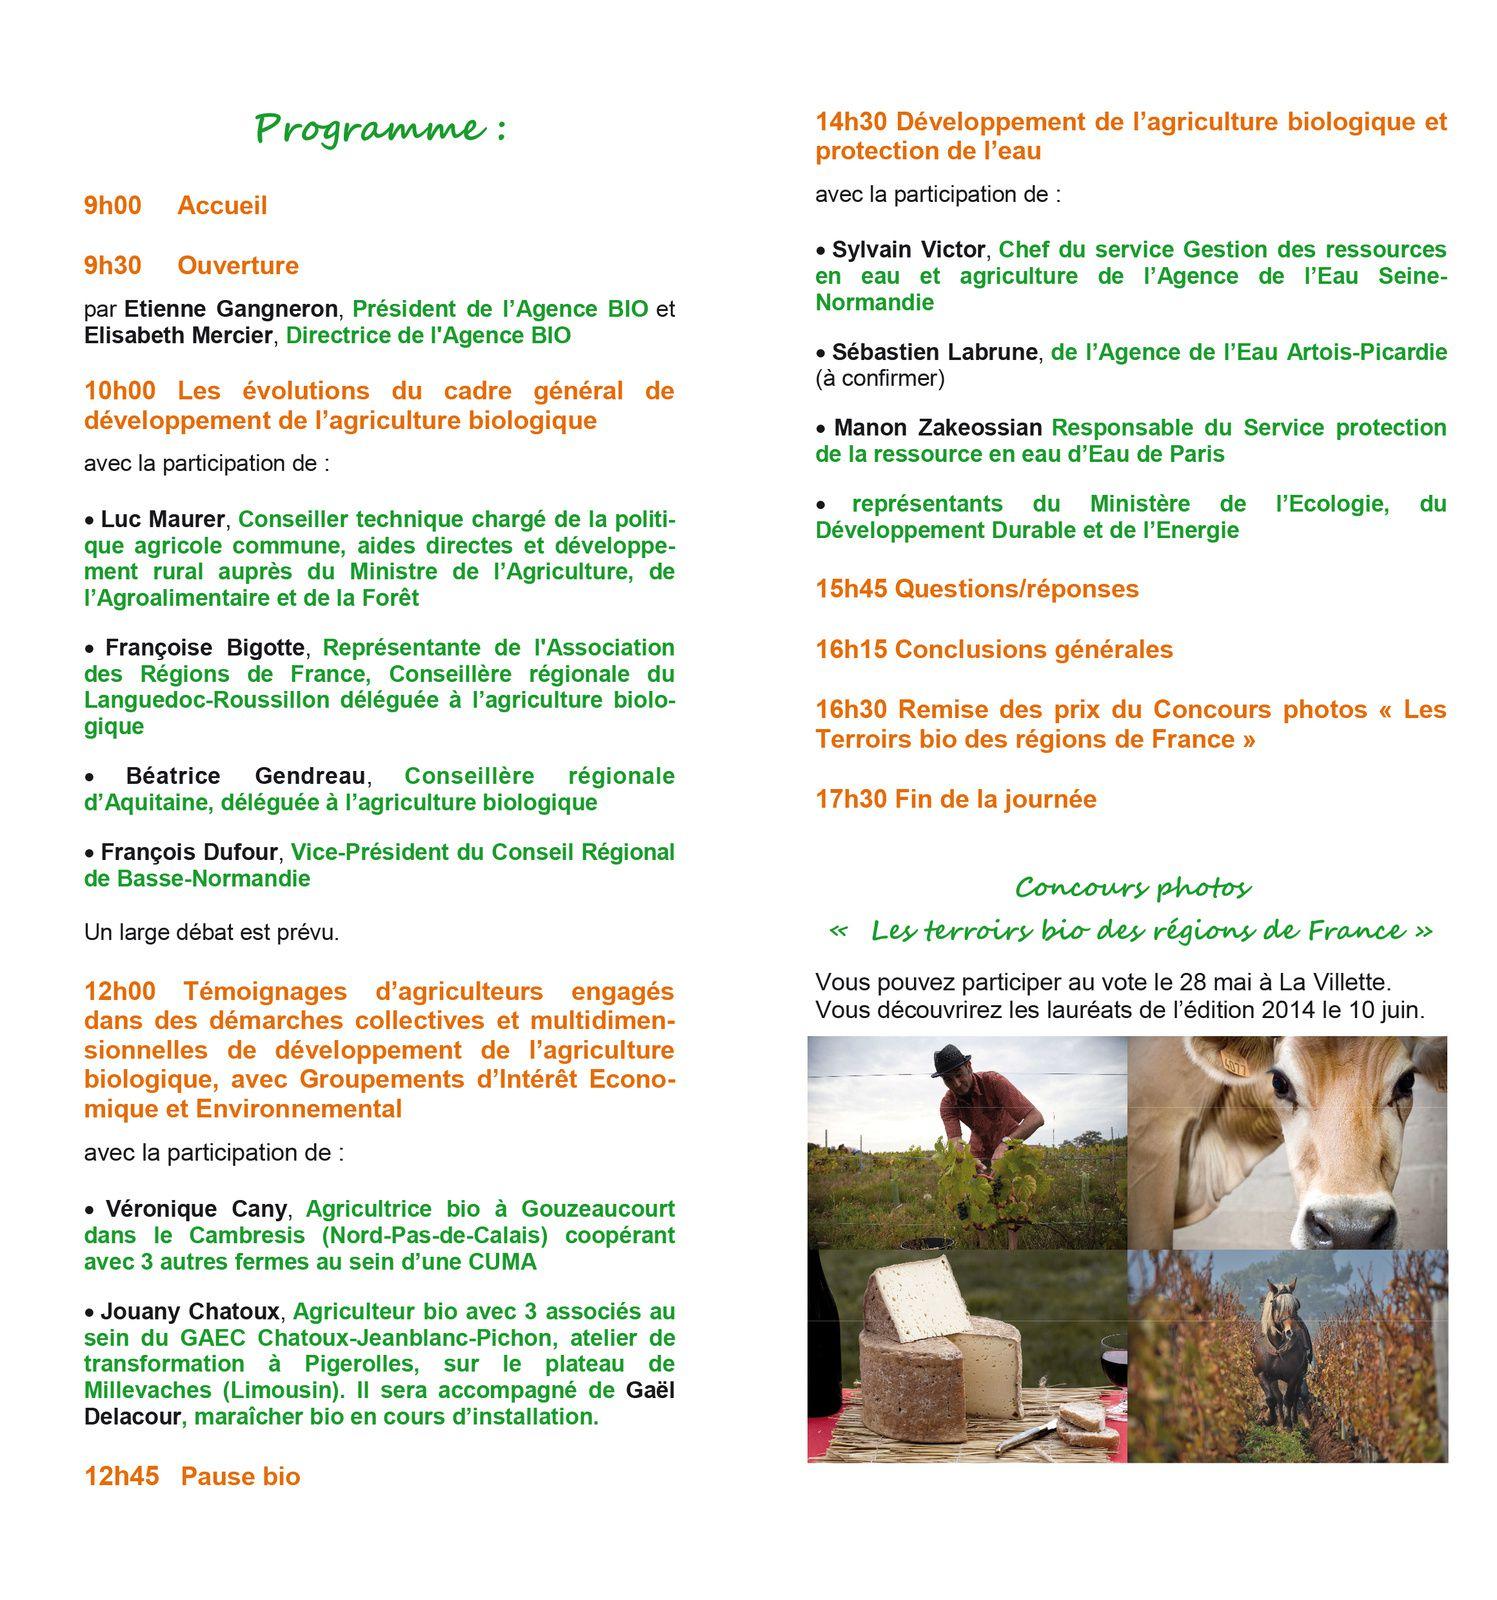 A ne pas manquer, les rencontres professionnelles de la Bio mardi 10 juin